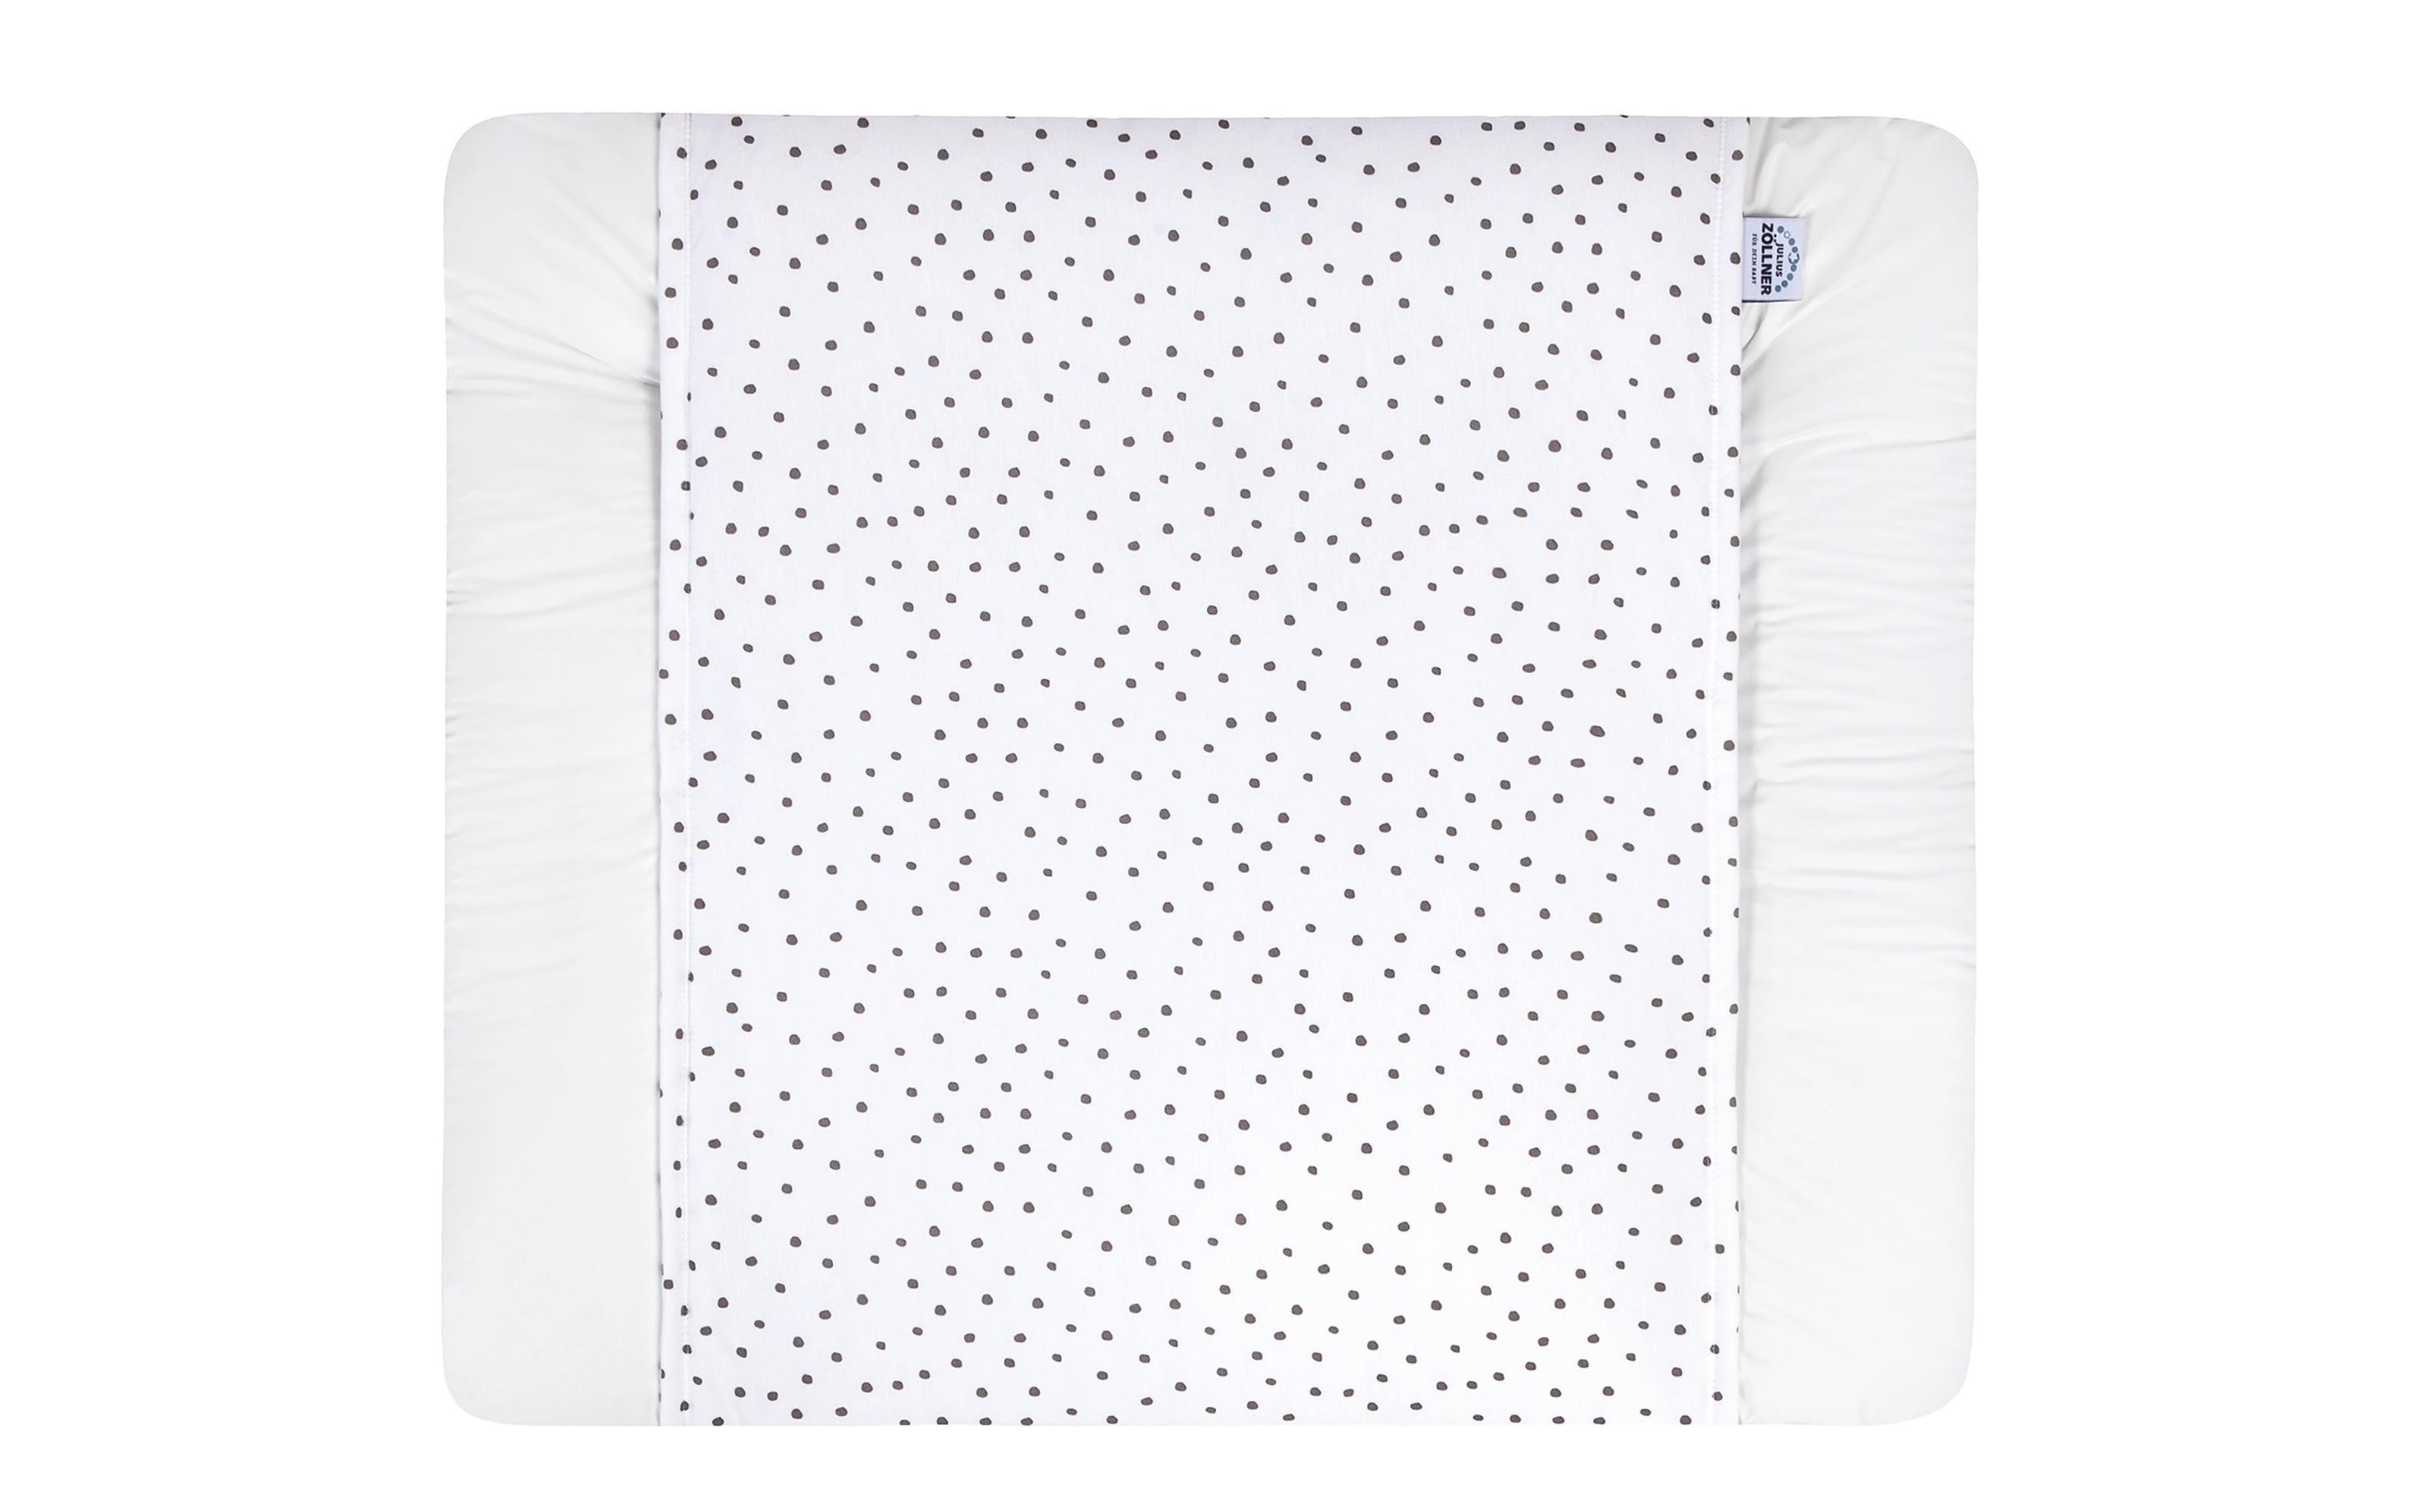 Schutzbezug Loop für Wickelauflage Softy in weiß mit Punkten in grau